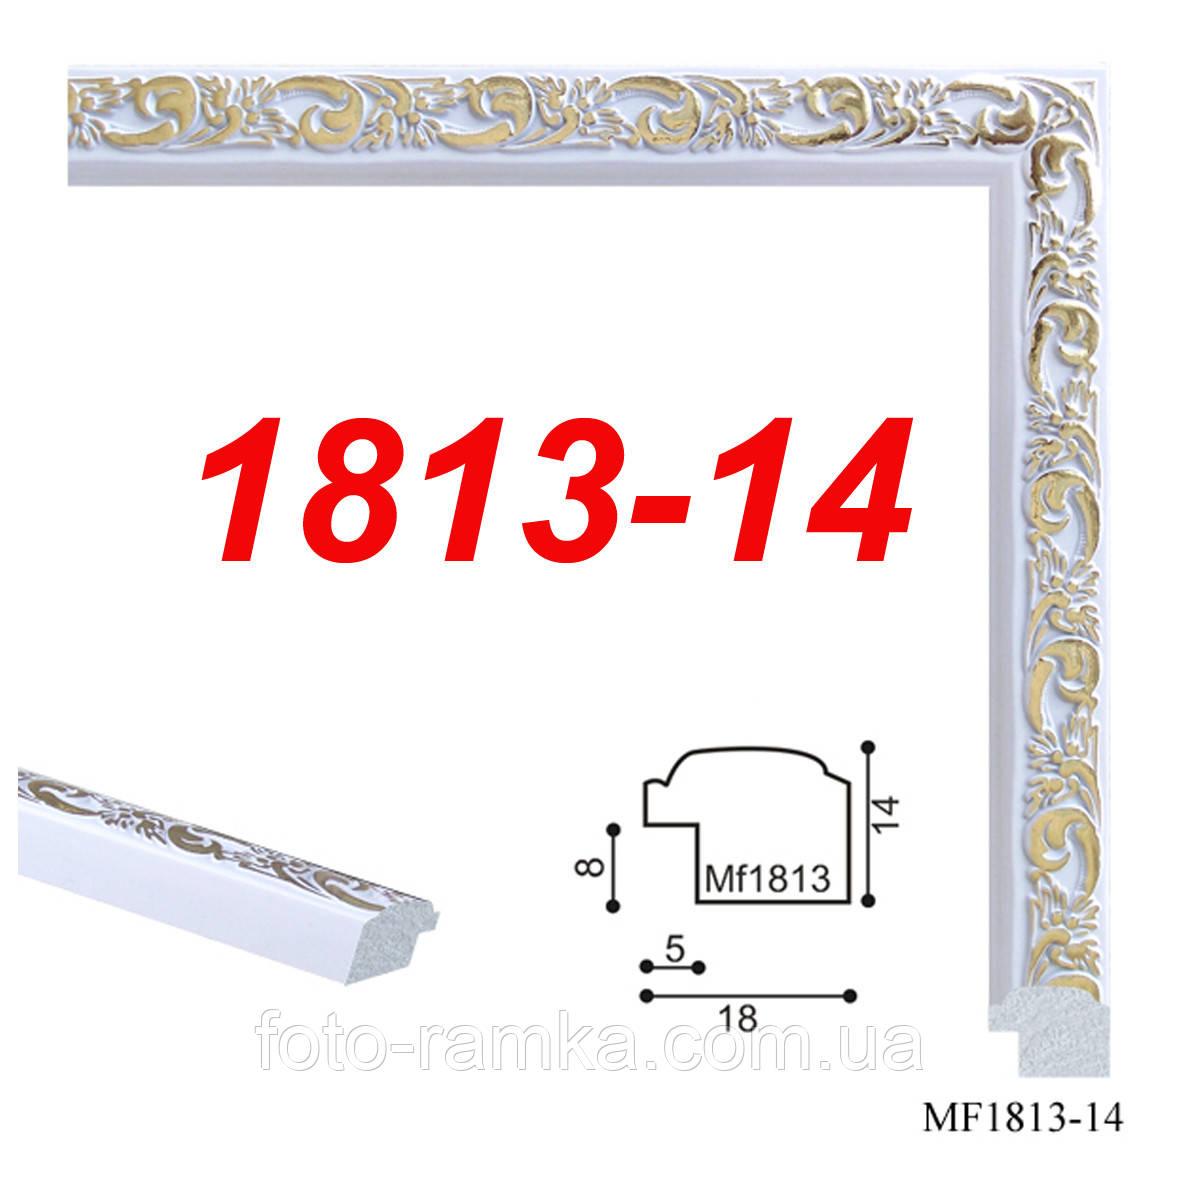 Фоторамка 21х30   1813